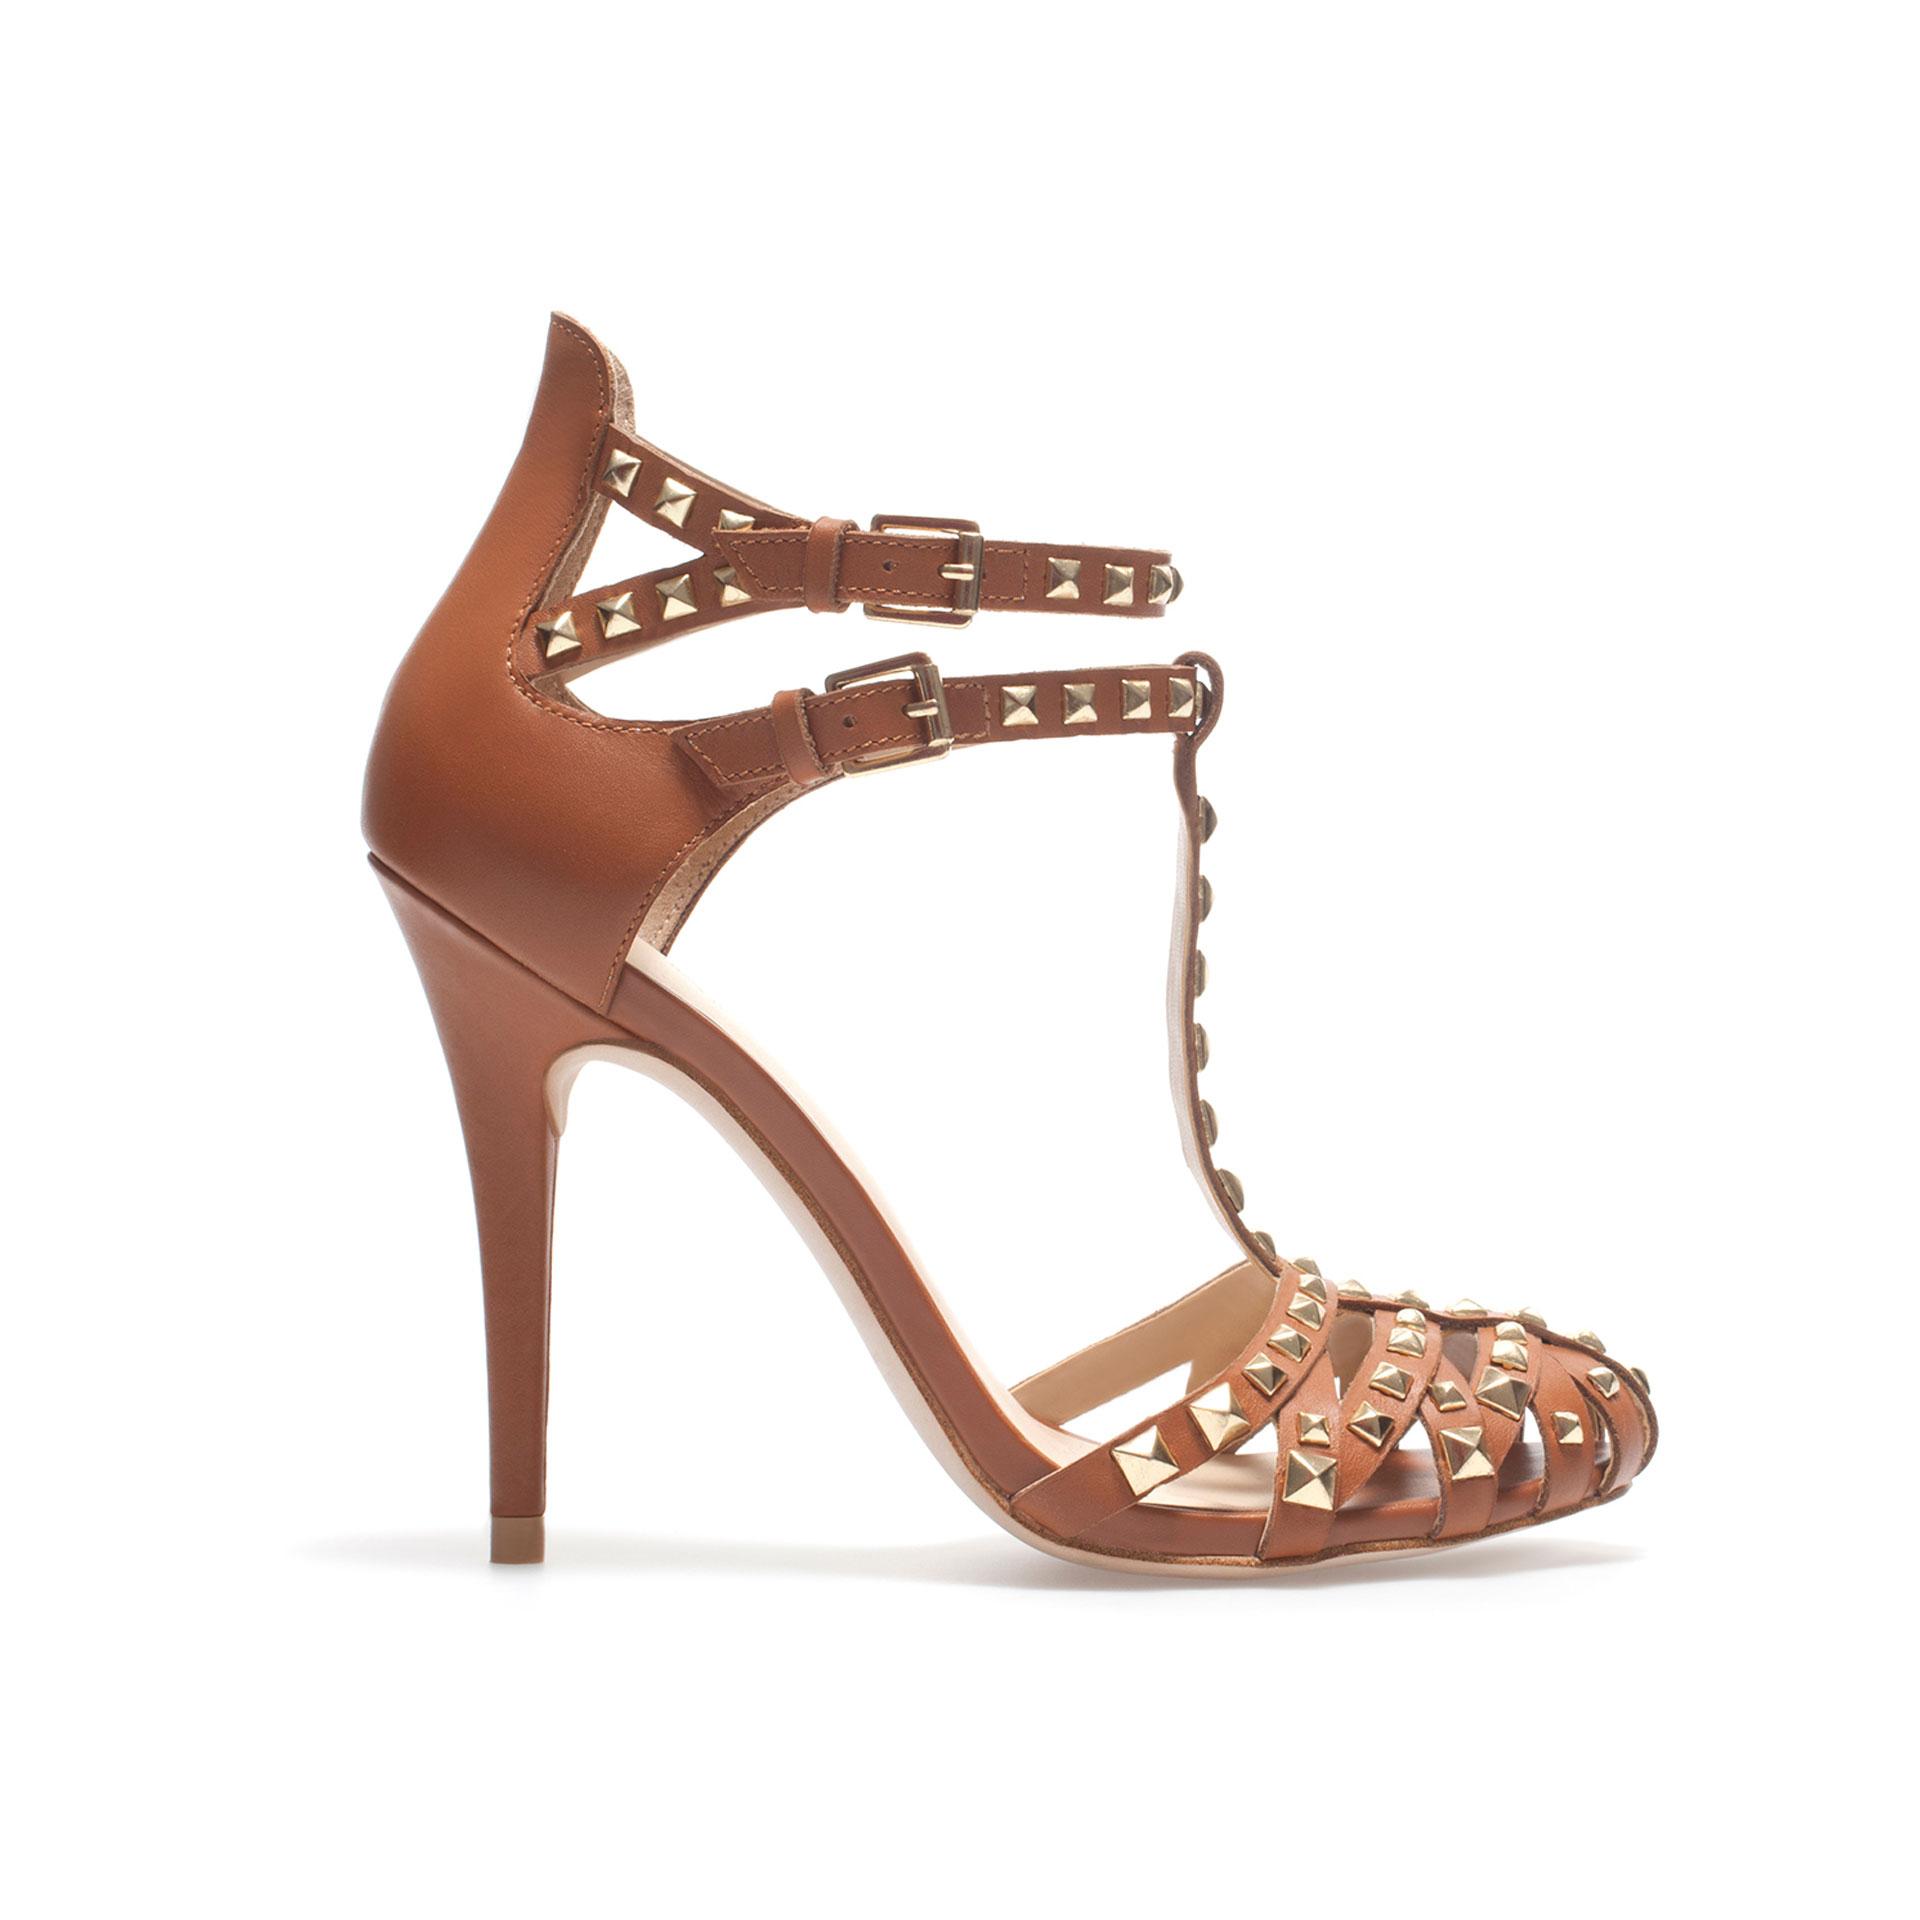 zara studded high heel sandal in brown leather lyst. Black Bedroom Furniture Sets. Home Design Ideas